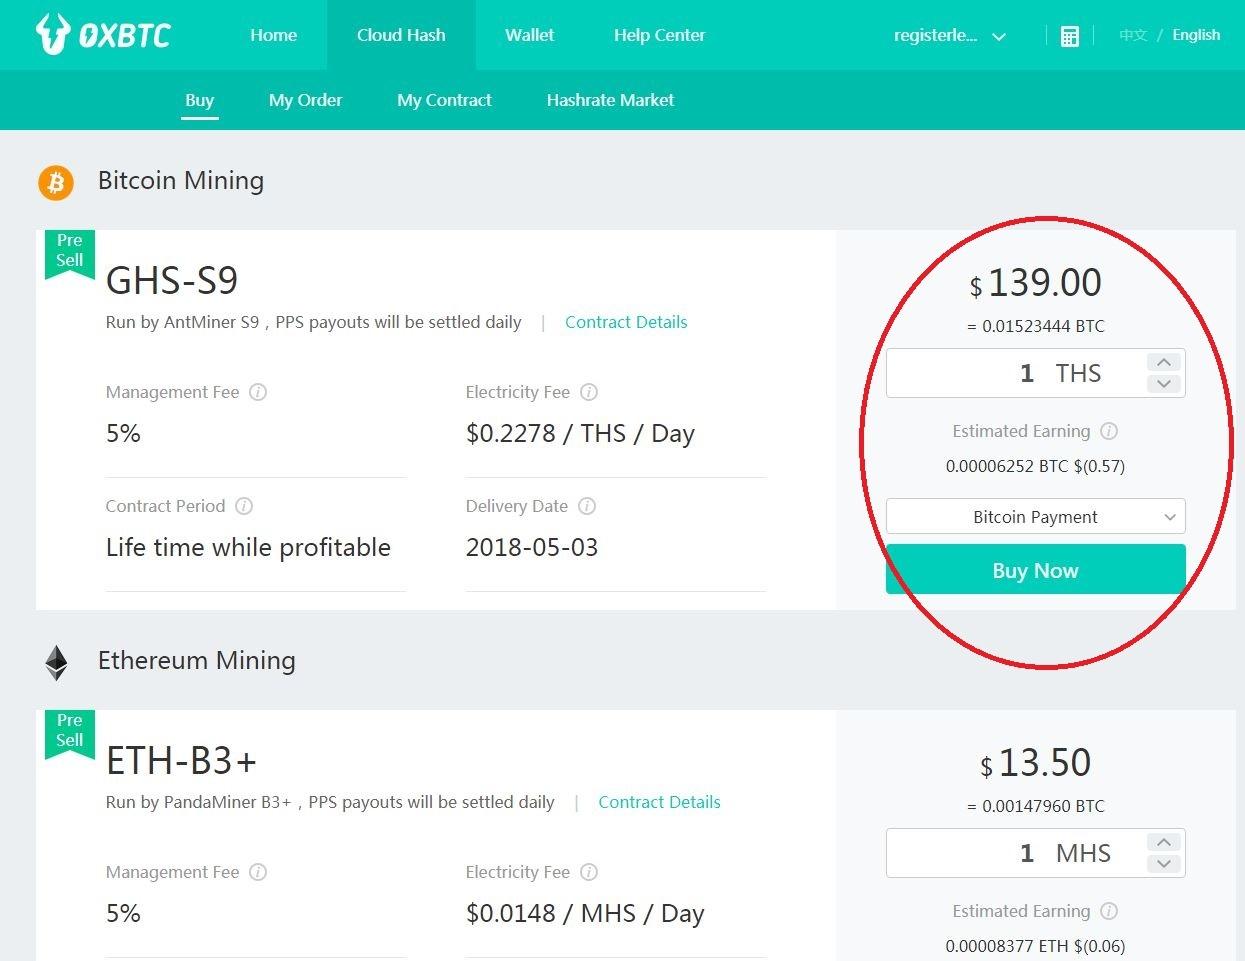 kopalnia kryptowalut OXBTC zakup hash power 1